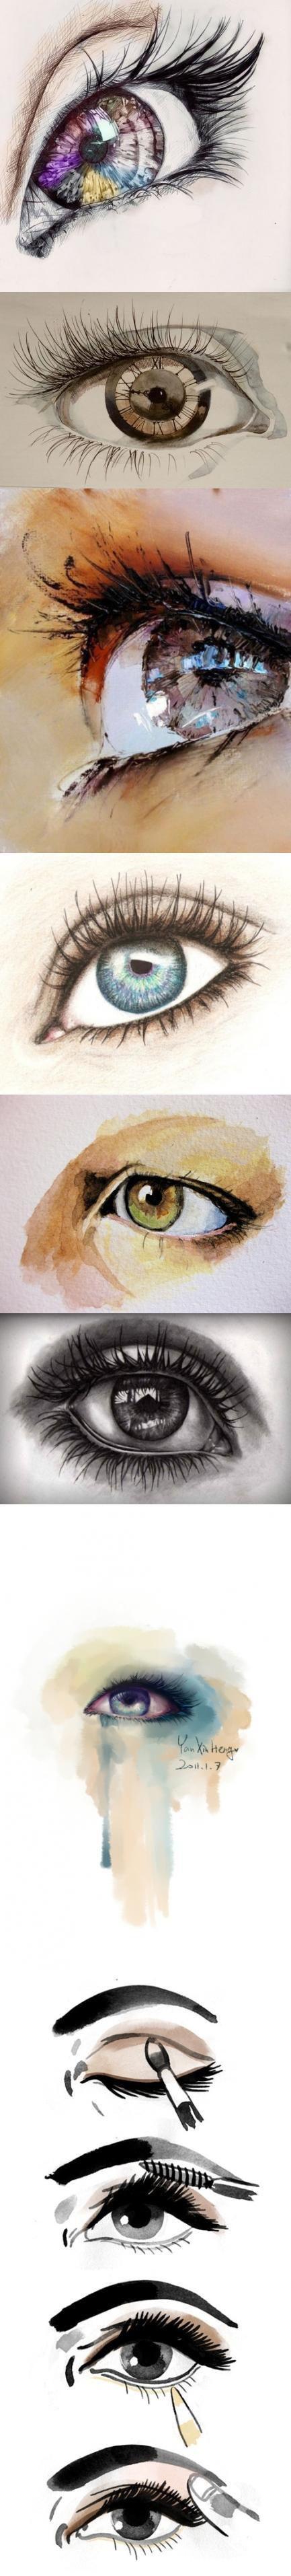 eyes, eyes, eyes..